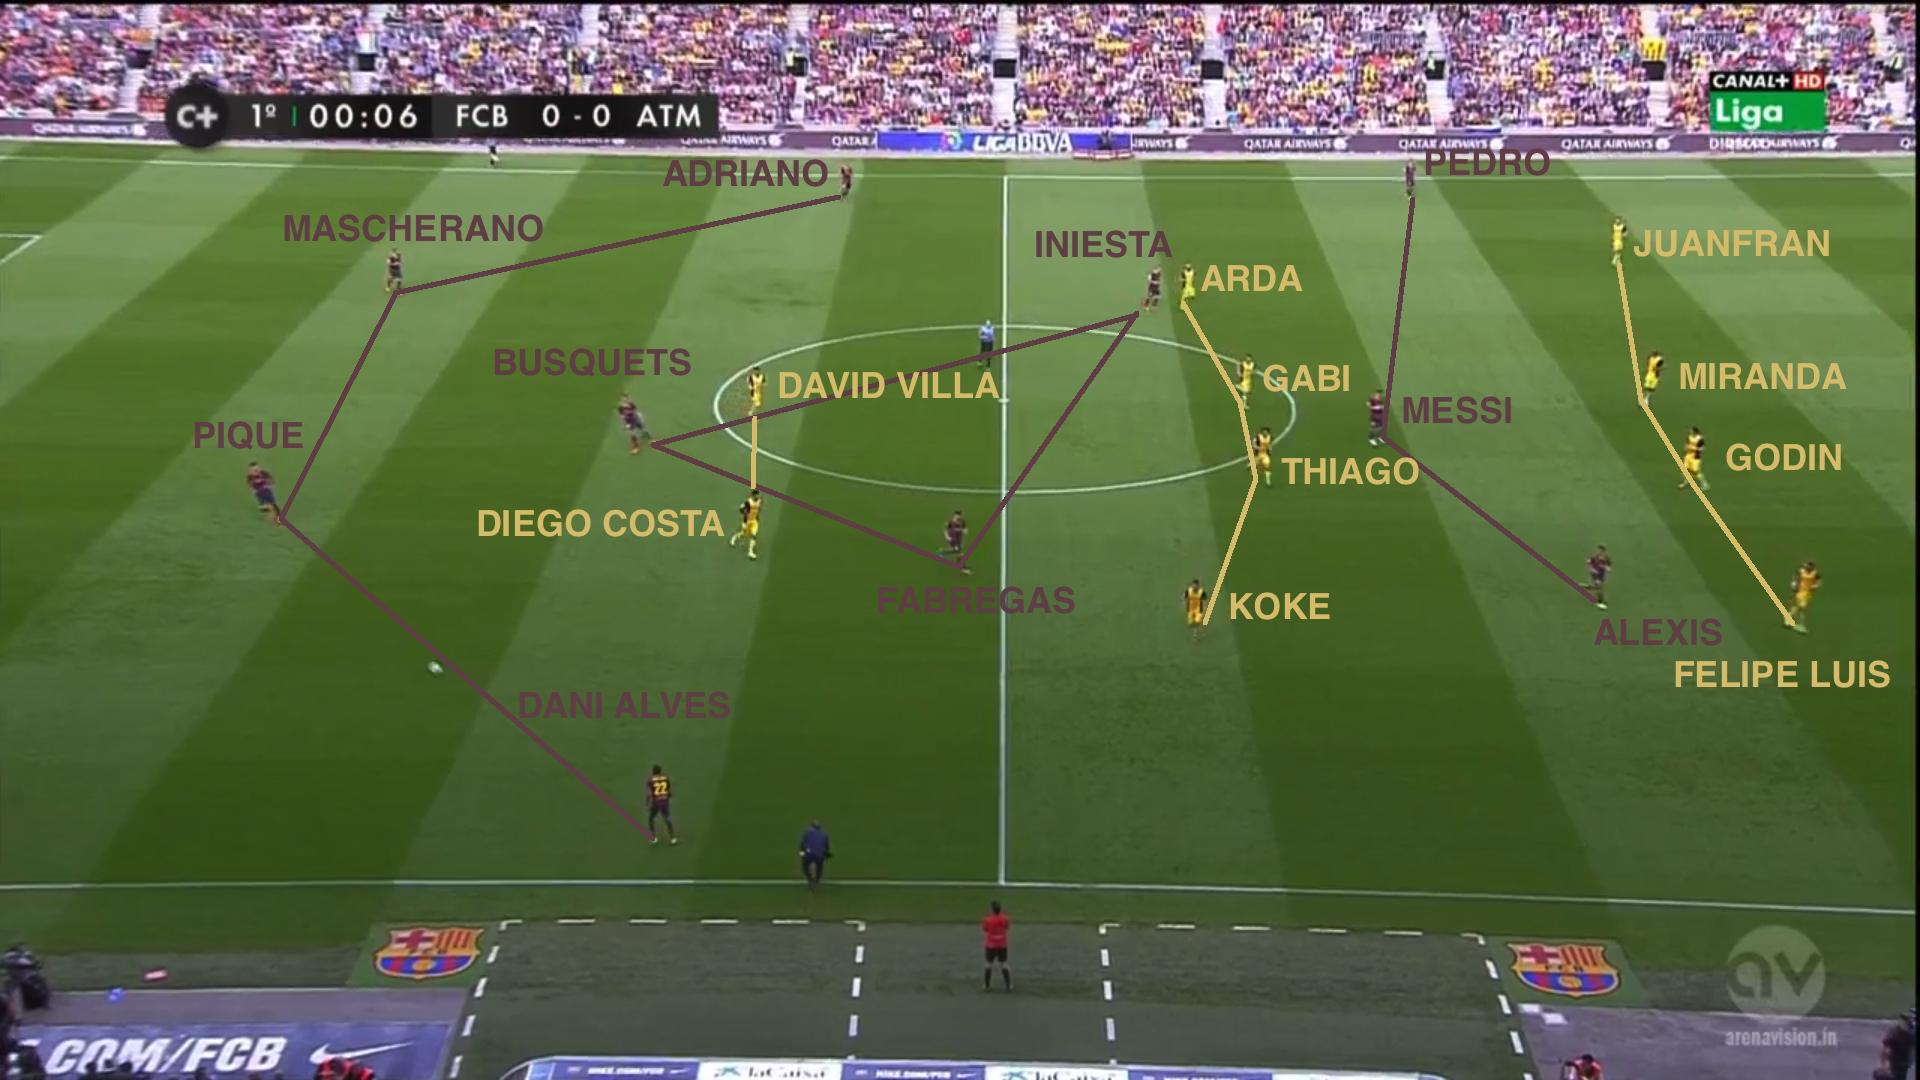 Affrontement classique entre le 433 de Tata Martino et le 442 de Diego Simeone. Seules les présences de Fabregas pour Xavi et Adriano au poste d'arrière gauche sont à noter.  Les blessures de Costa et Turan vont vite pousser Cholo à modifier ses plans.